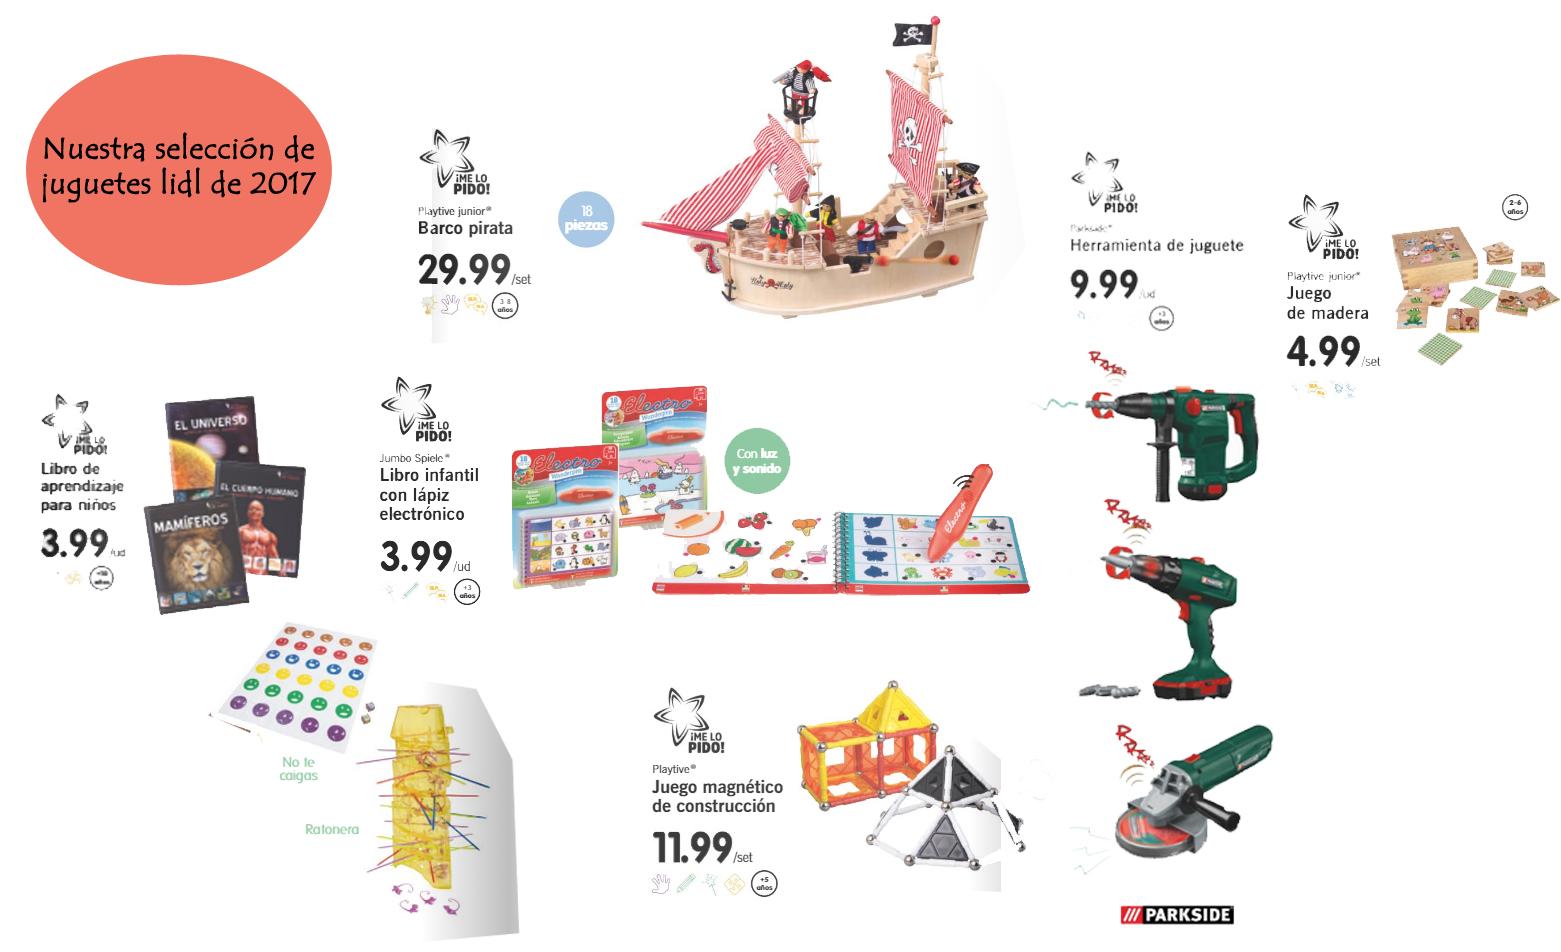 Ya llegan los juguetes de madera de lidl 2017 padres en for Catalogo lidl leon